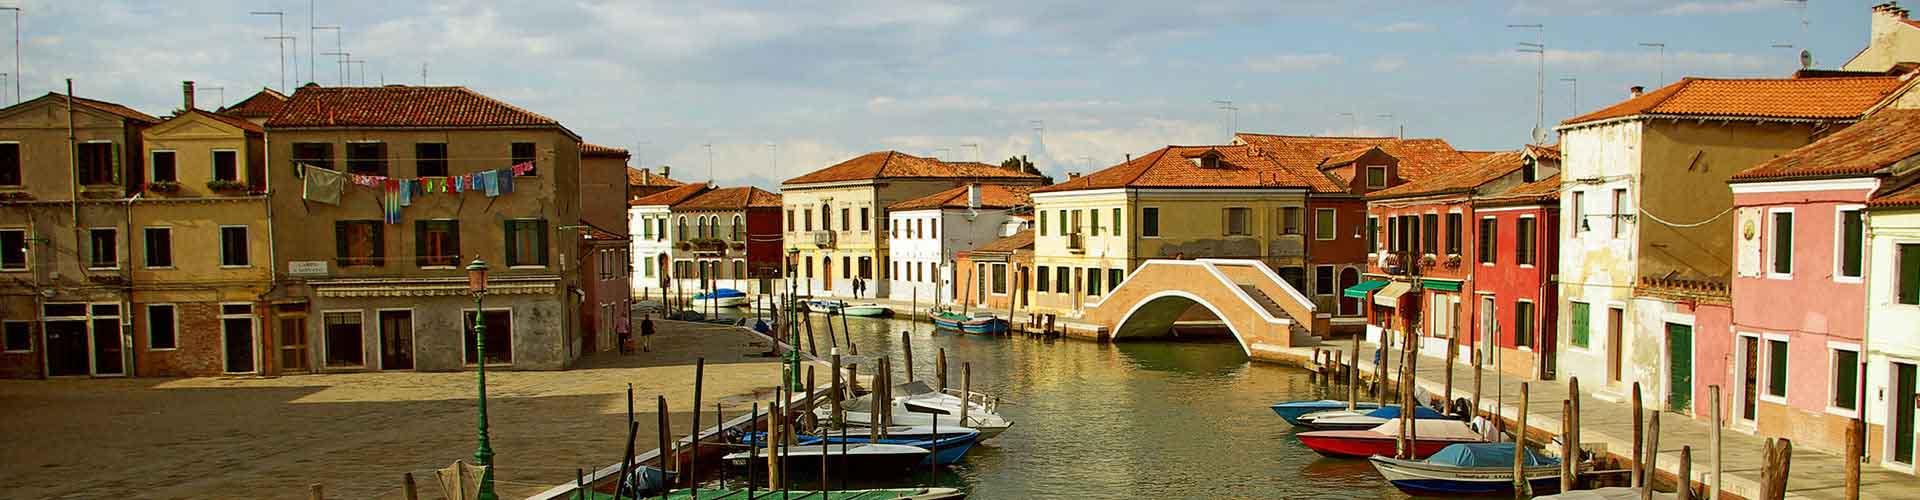 Veneza Mestre – Apartamentos próximos de Aeroporto Marco Polo de Veneza , Mapas para Veneza Mestre, Fotos e Avaliações para cada Apartamento em Veneza Mestre.